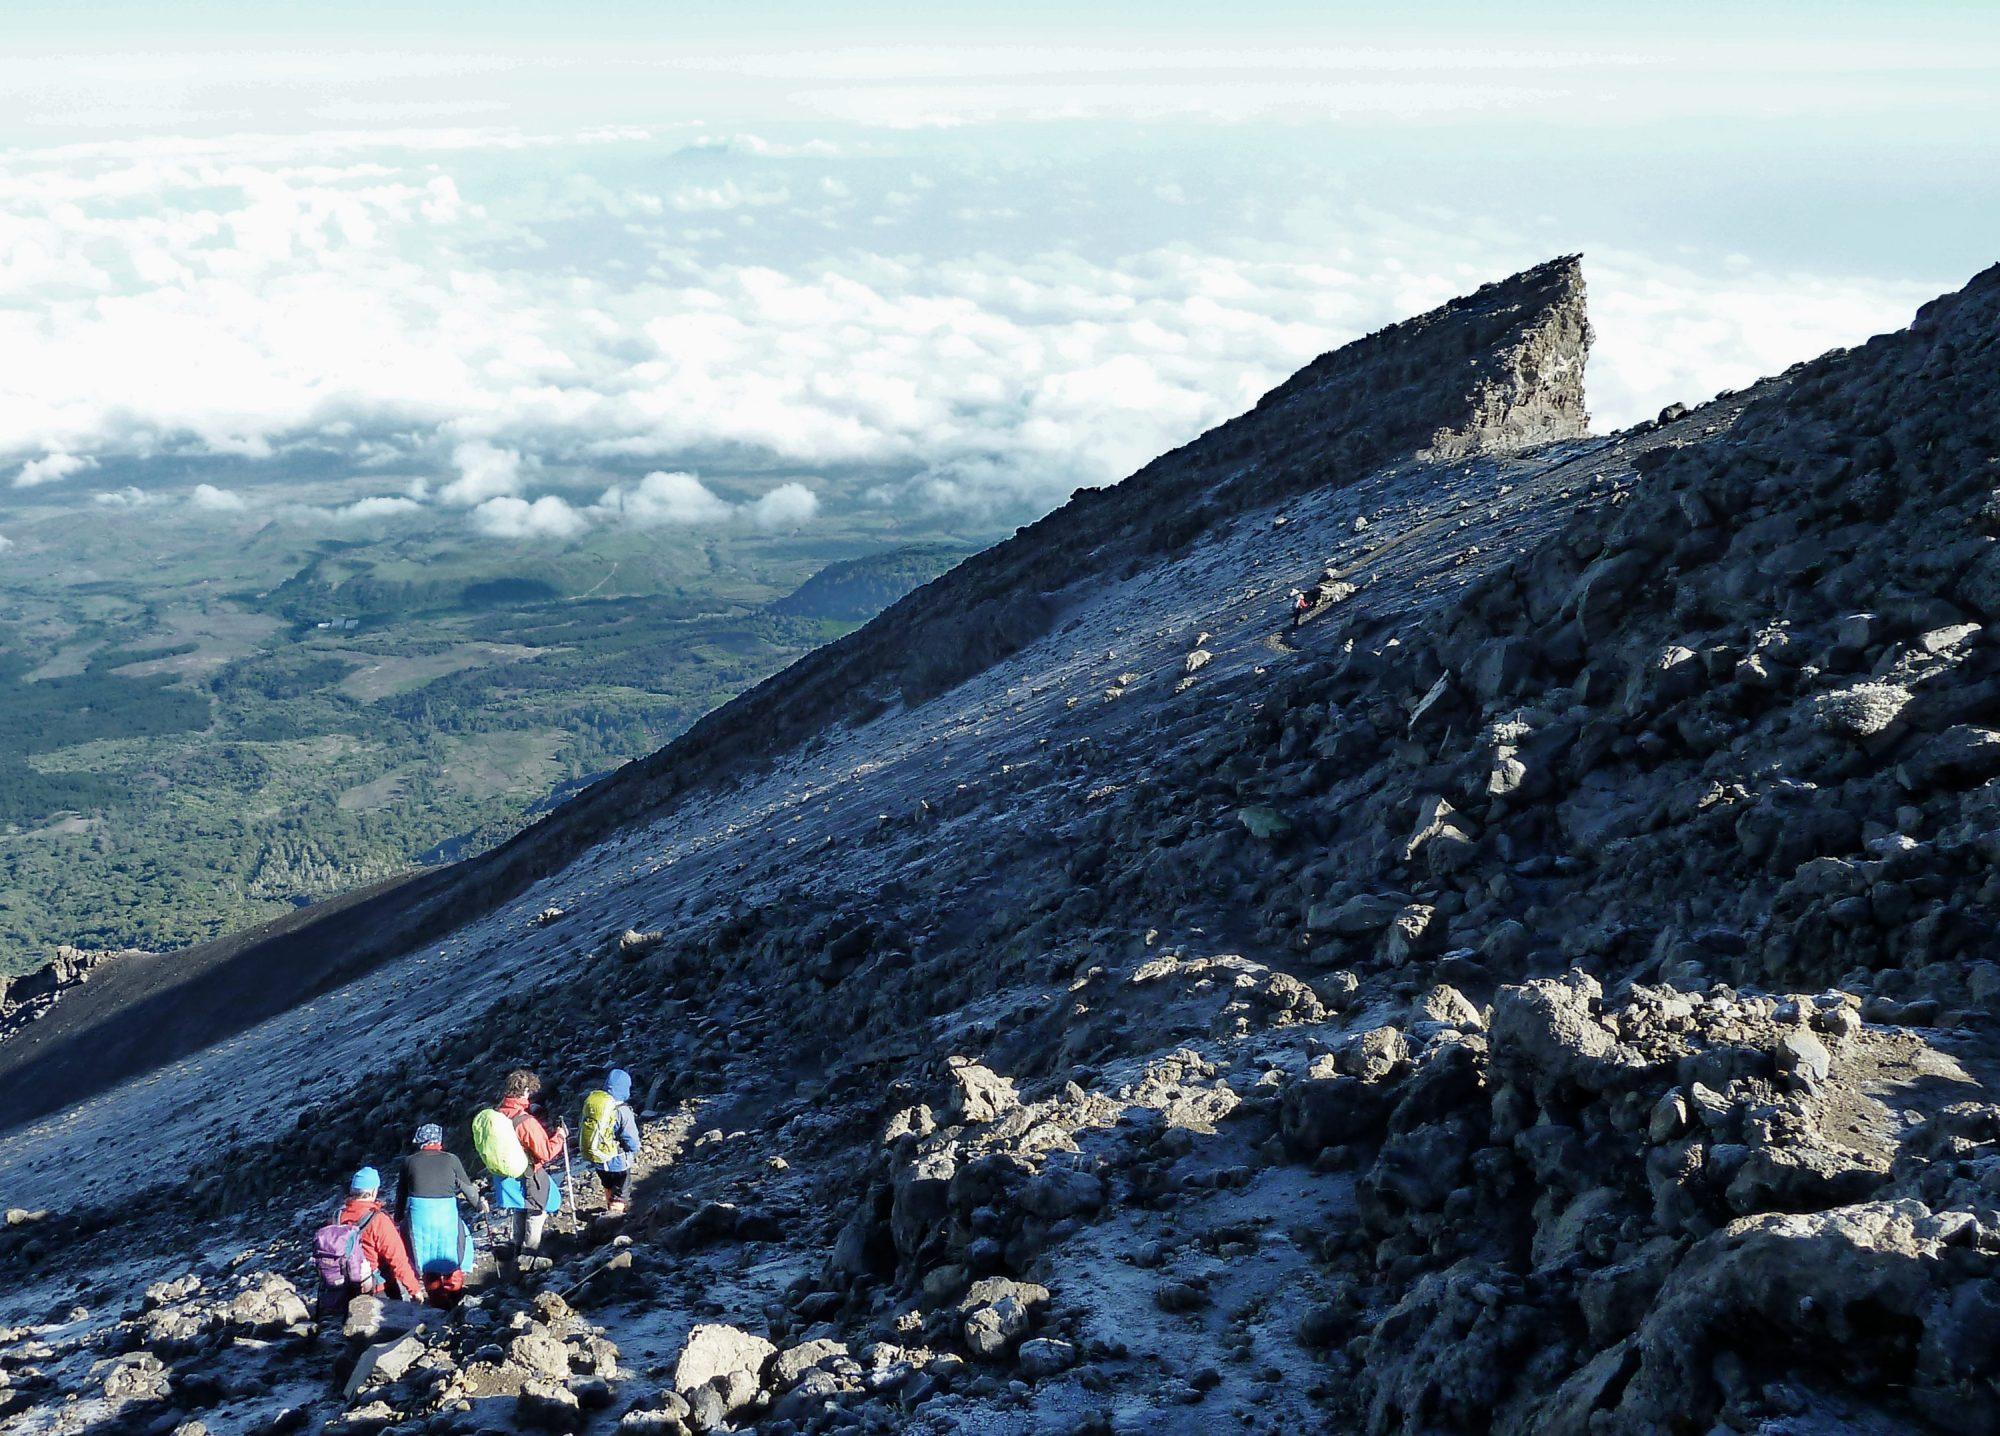 Gratwanderung am Mount Meru, Mount Meru Besteigung, Tour, Erfahrungsbericht, Afrika, Tansania, Bergtour